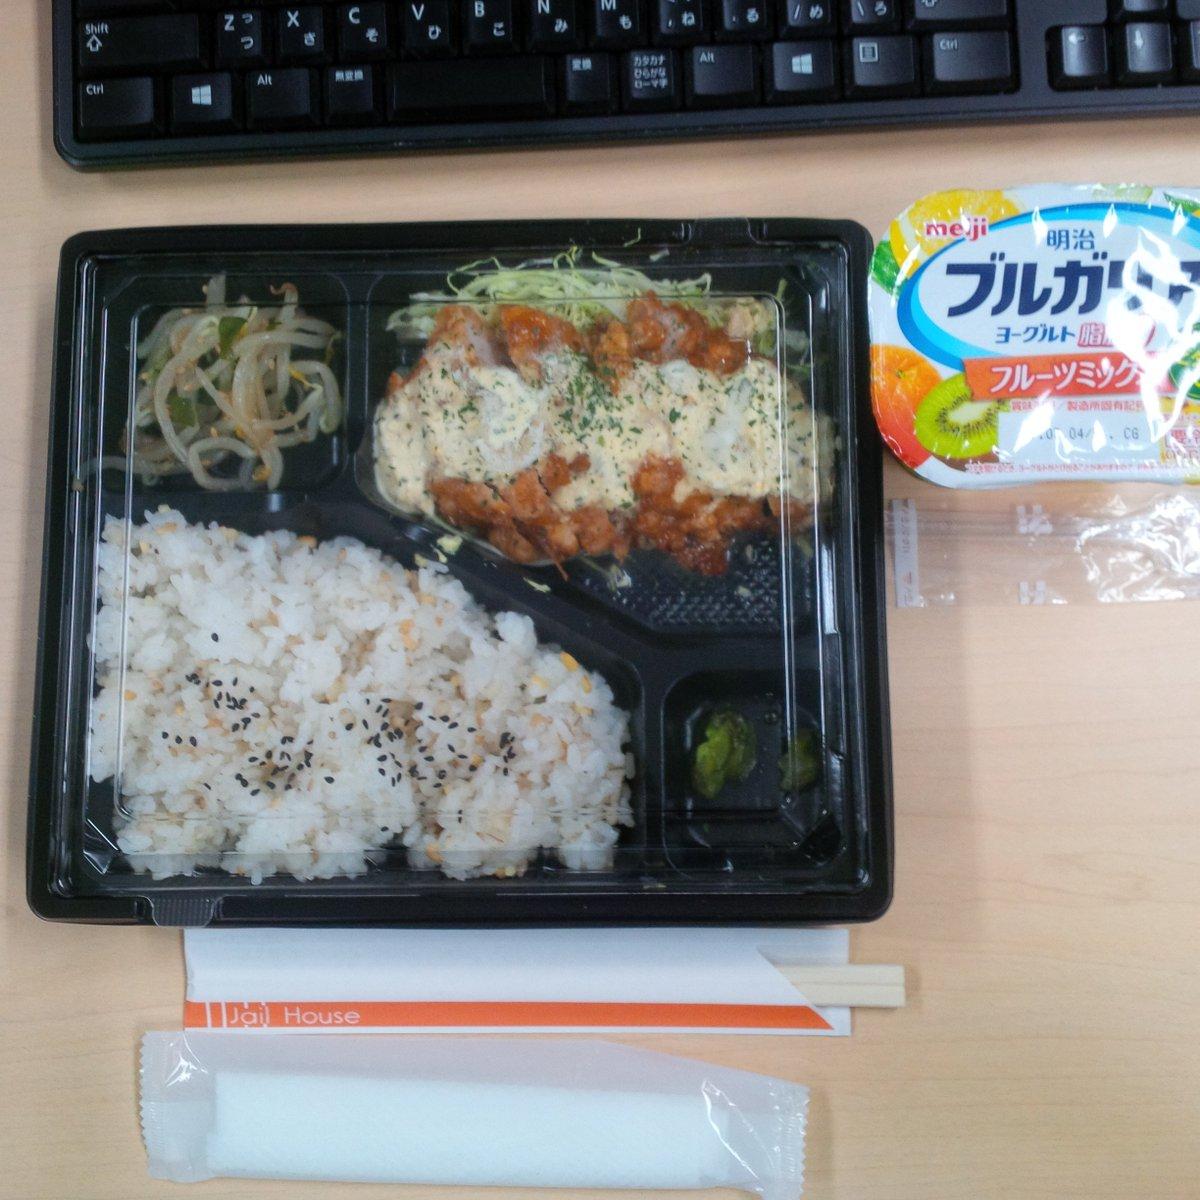 J&#39;ai acheté « #obento » une boîte de #déjeuner de #poulet au sauce ibérique traditionnelle. #shibuya #bento<br>http://pic.twitter.com/GQlm61nsVx